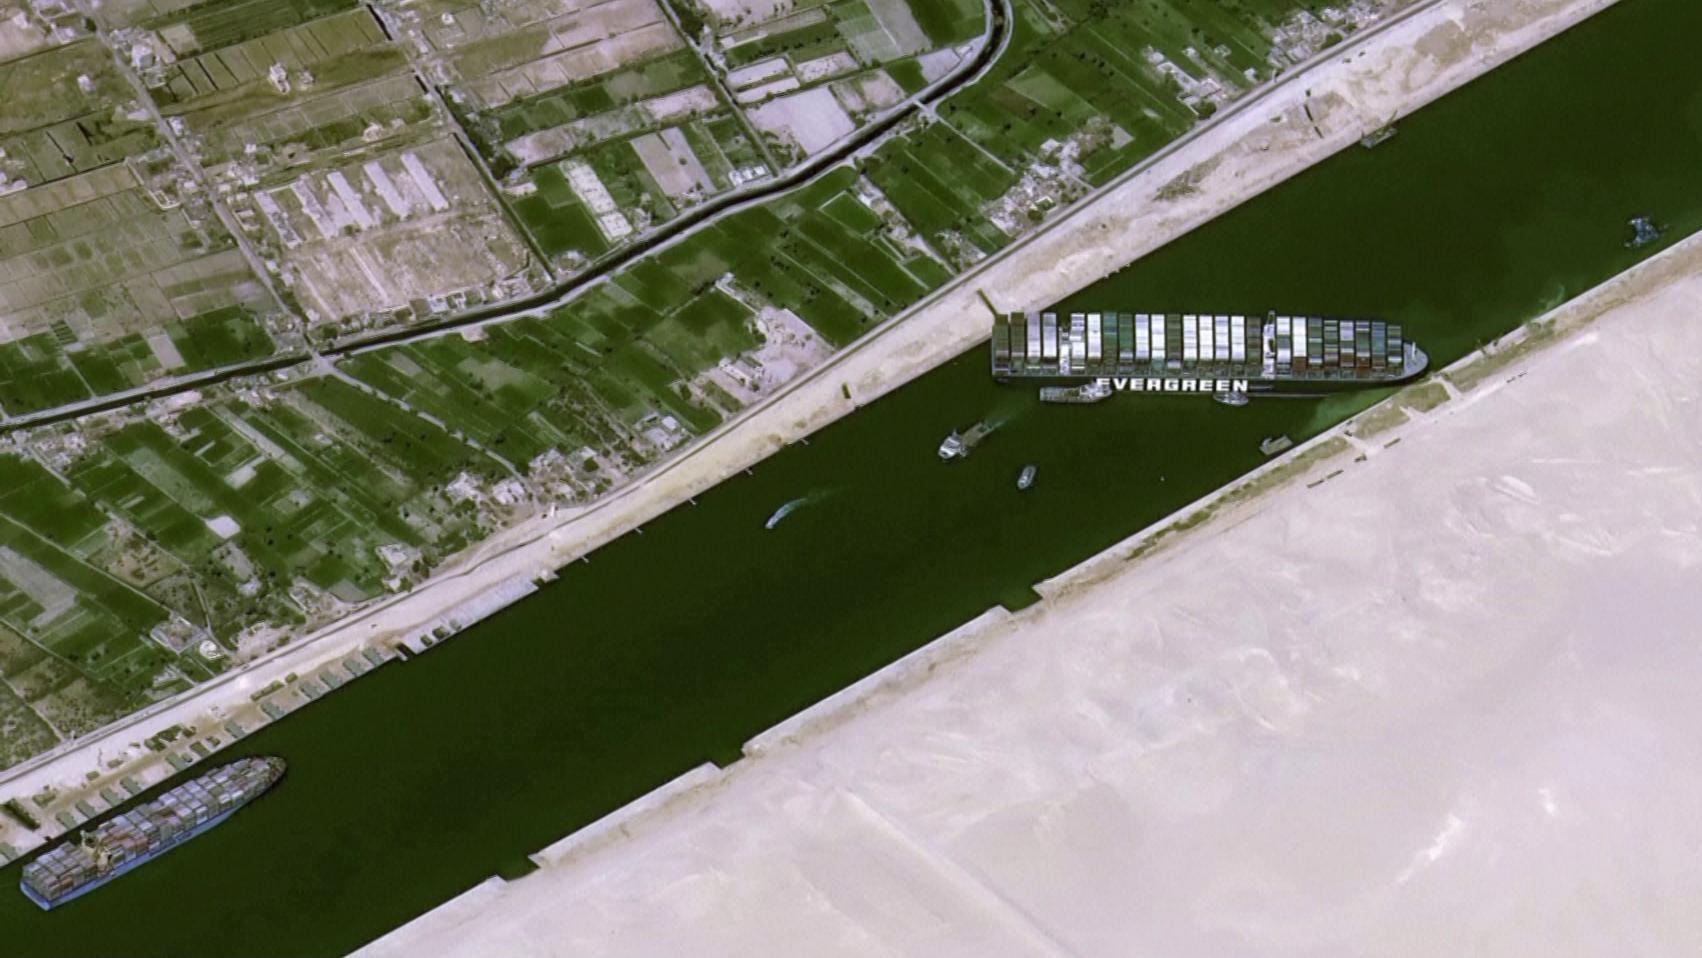 Imagem de satélite do Ever Given, navio encalhado no Canal de Suez